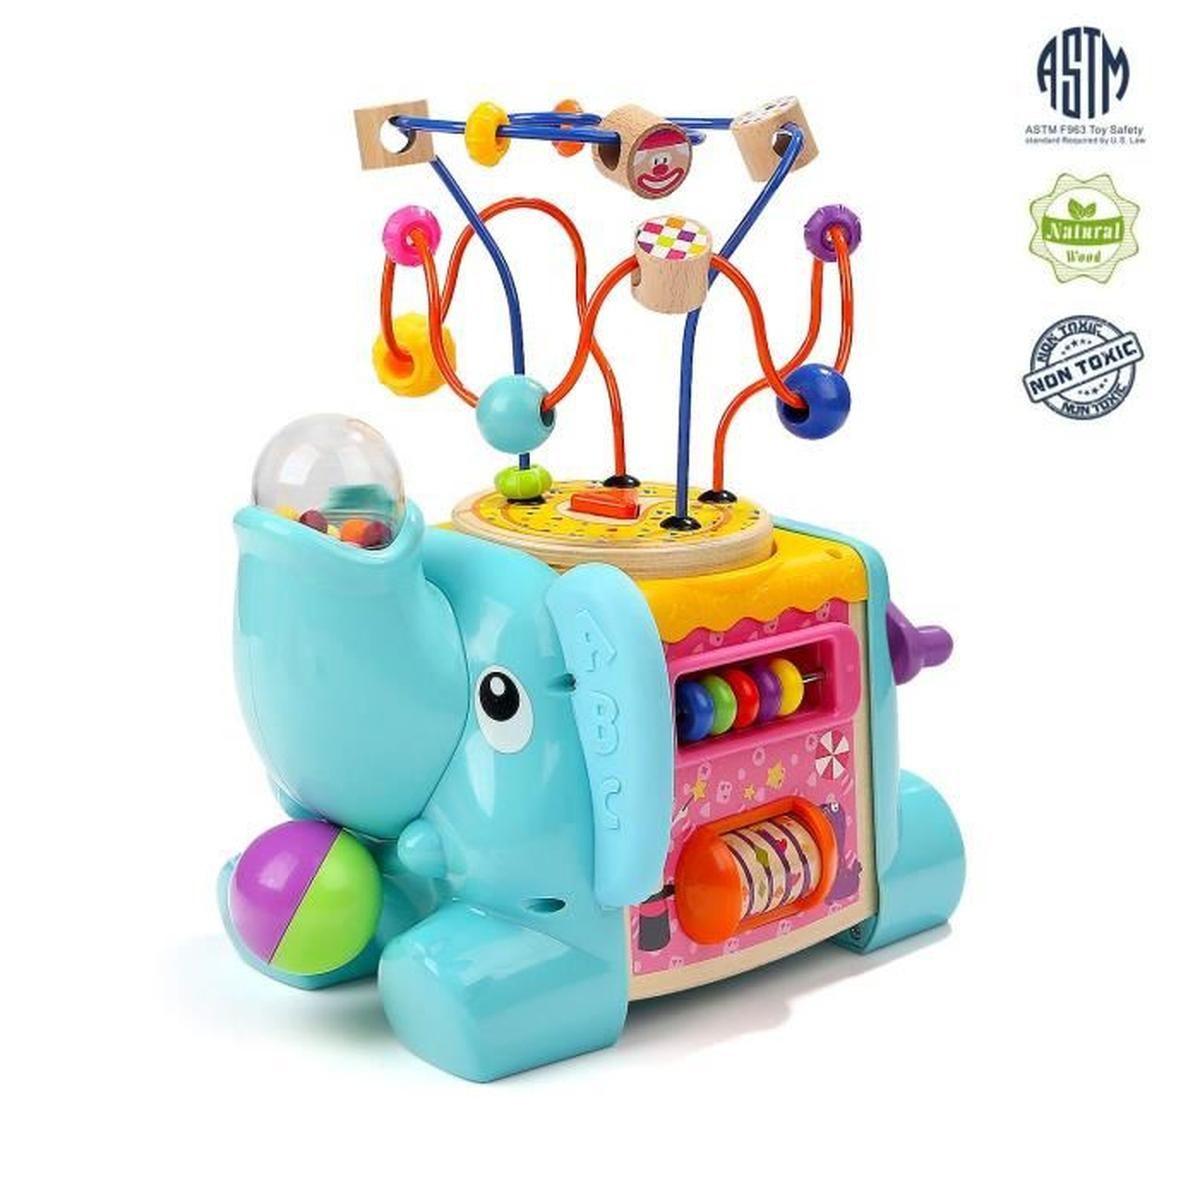 Jouet Educatif Avec Jeu Labyrinthe De Perle Pour Bébé, Jouet Cadeau Pour  Garçon Et Fille dedans Jeux Pour Garçon Et Fille